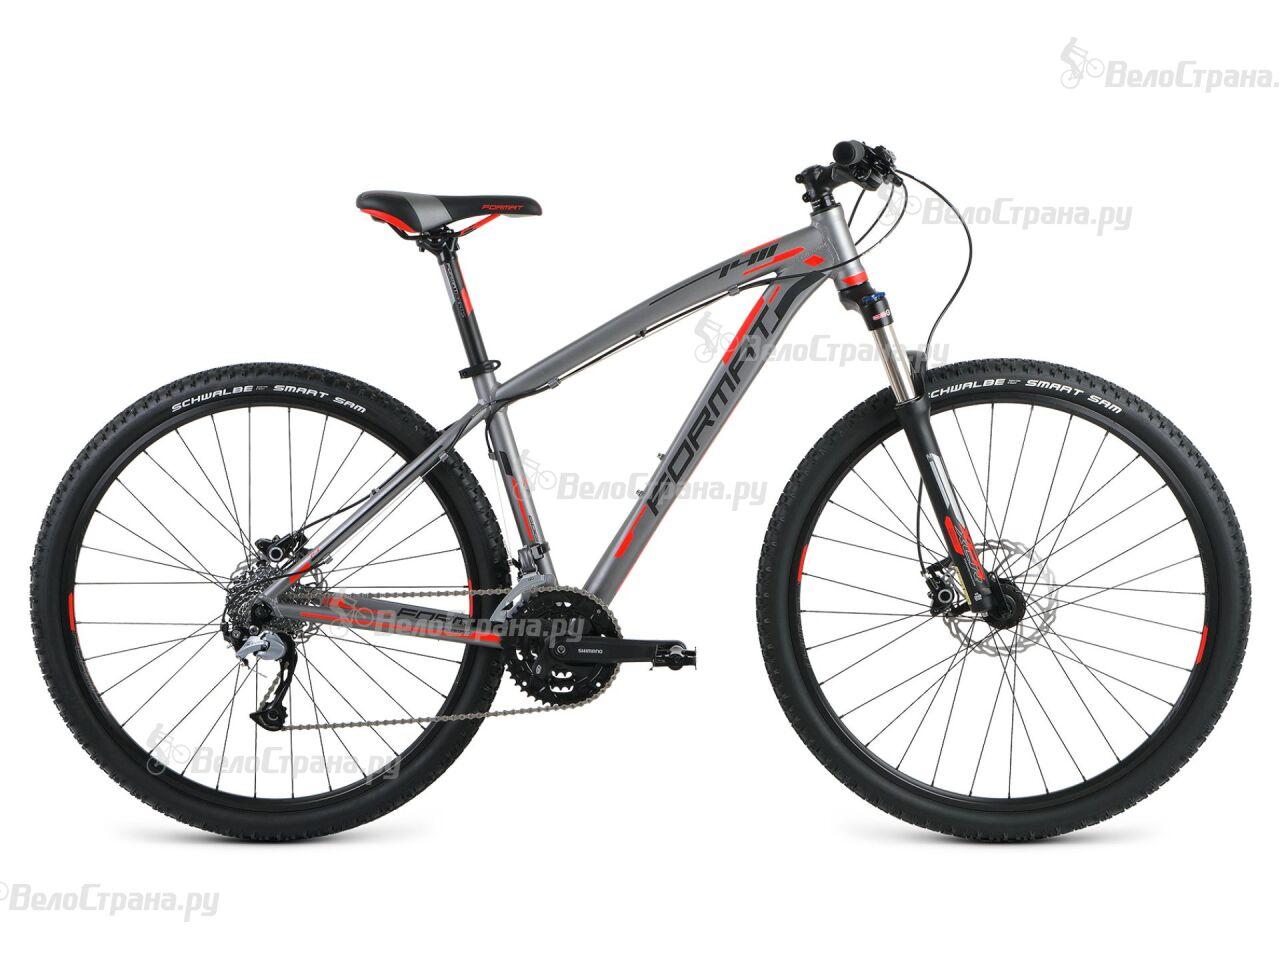 Велосипед Format 1411 29 (2016) велосипед format 1411 26 2016